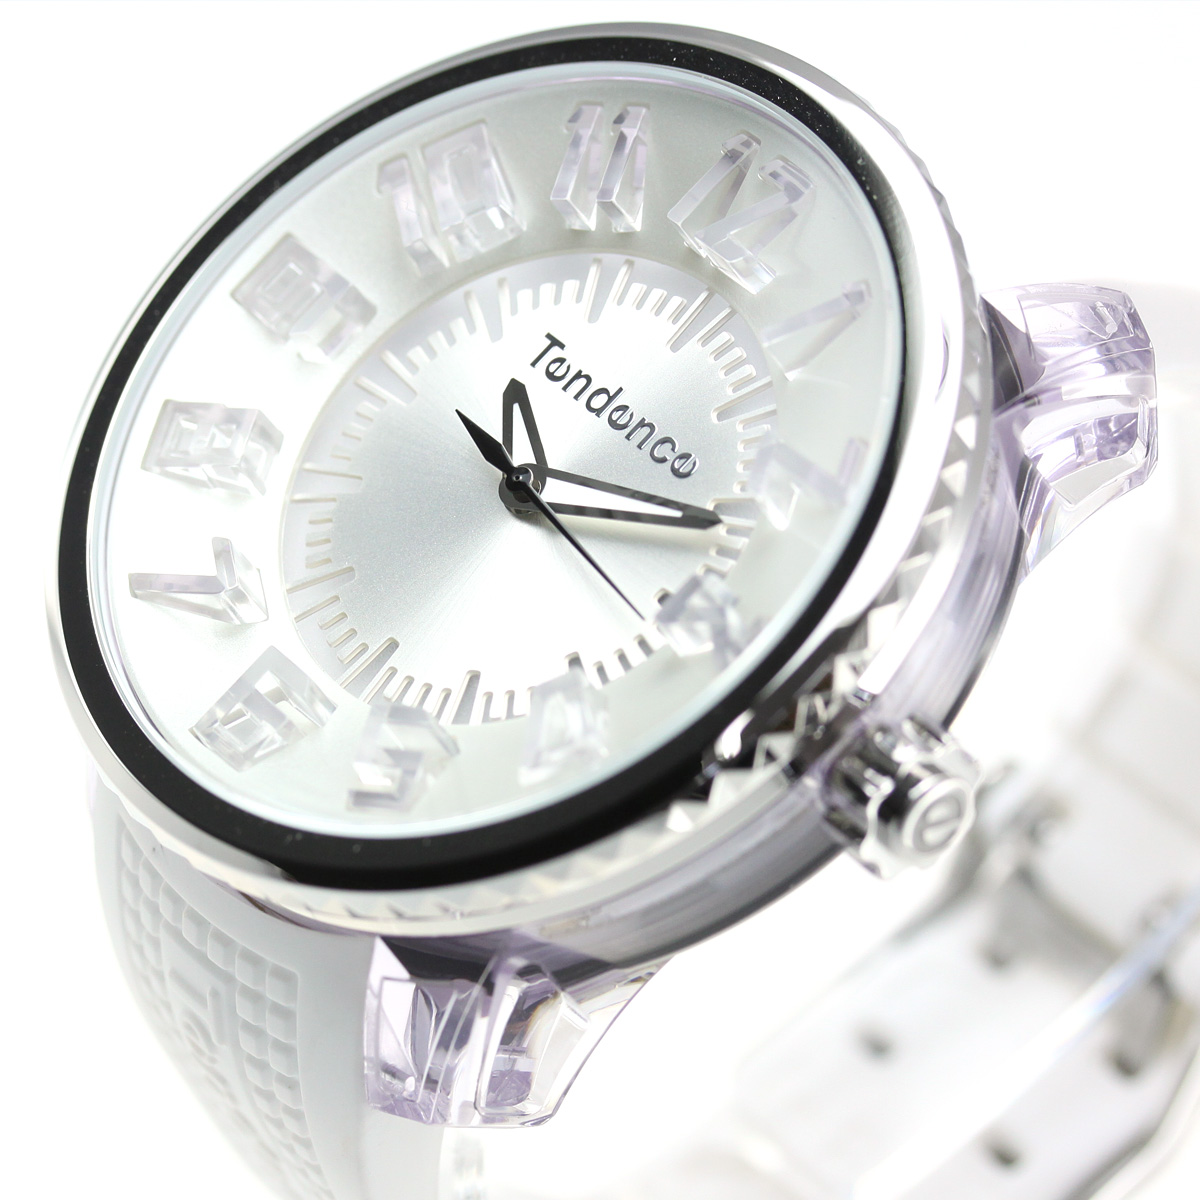 ニールなら!店内ポイント最大47倍は明日20時から! テンデンス Tendence 腕時計 メンズ レディース フラッシュ FLASH TY532003【2018 新作】